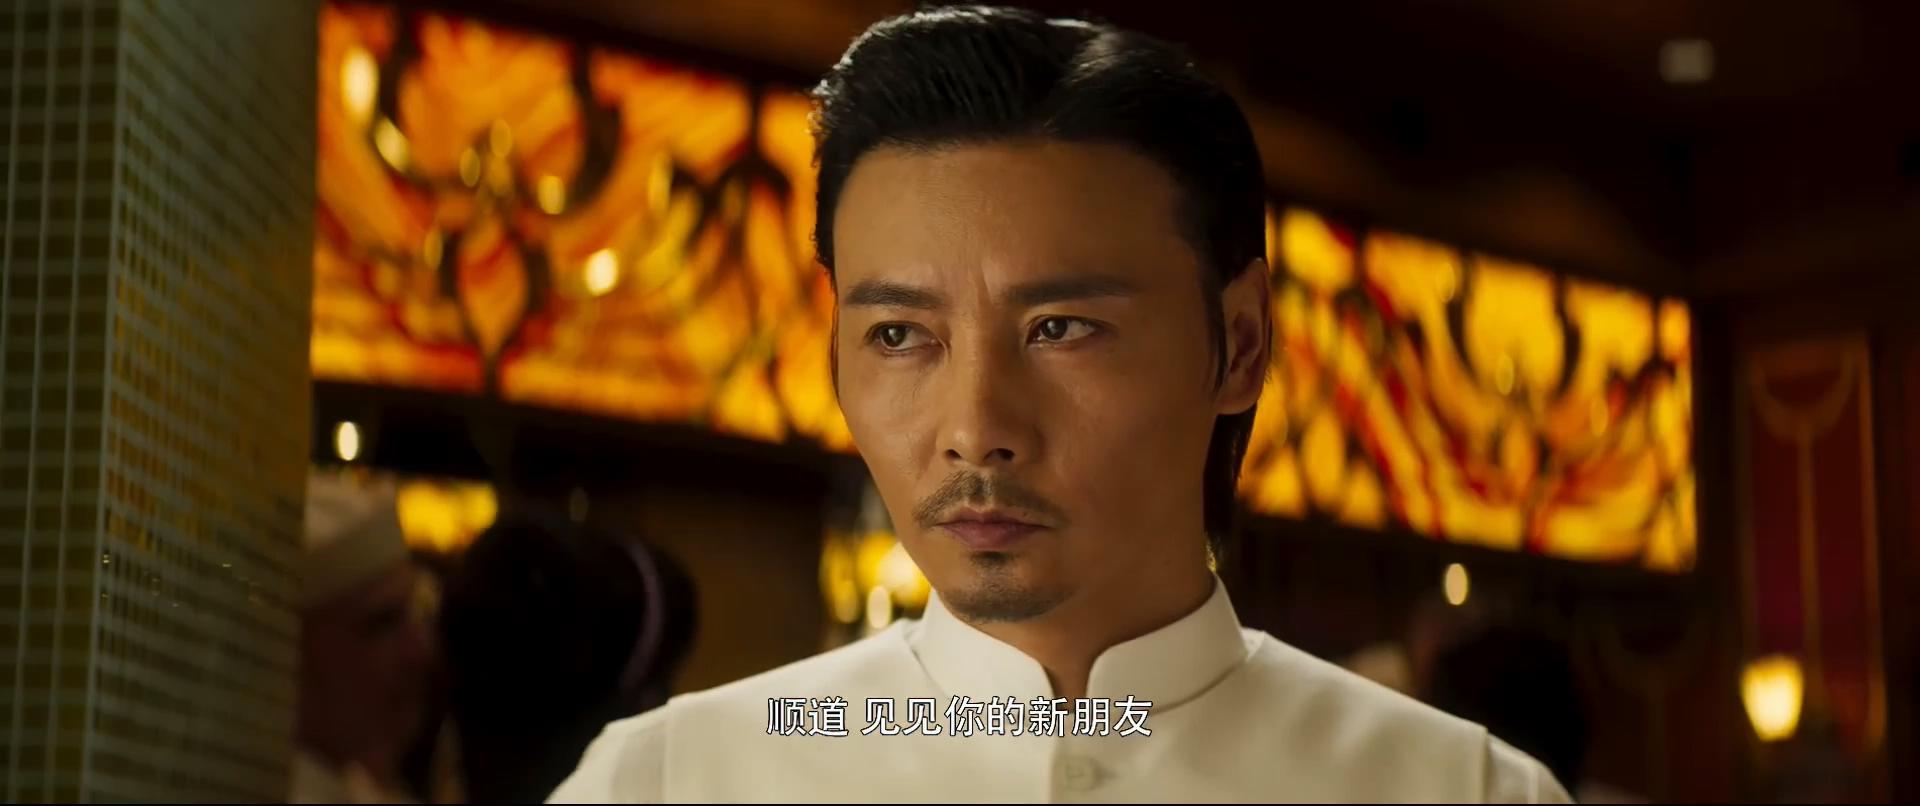 电影《叶问外传:张天志》迅雷种子资源下载地址 2018年中国动作电影[WEB1080-MP4]